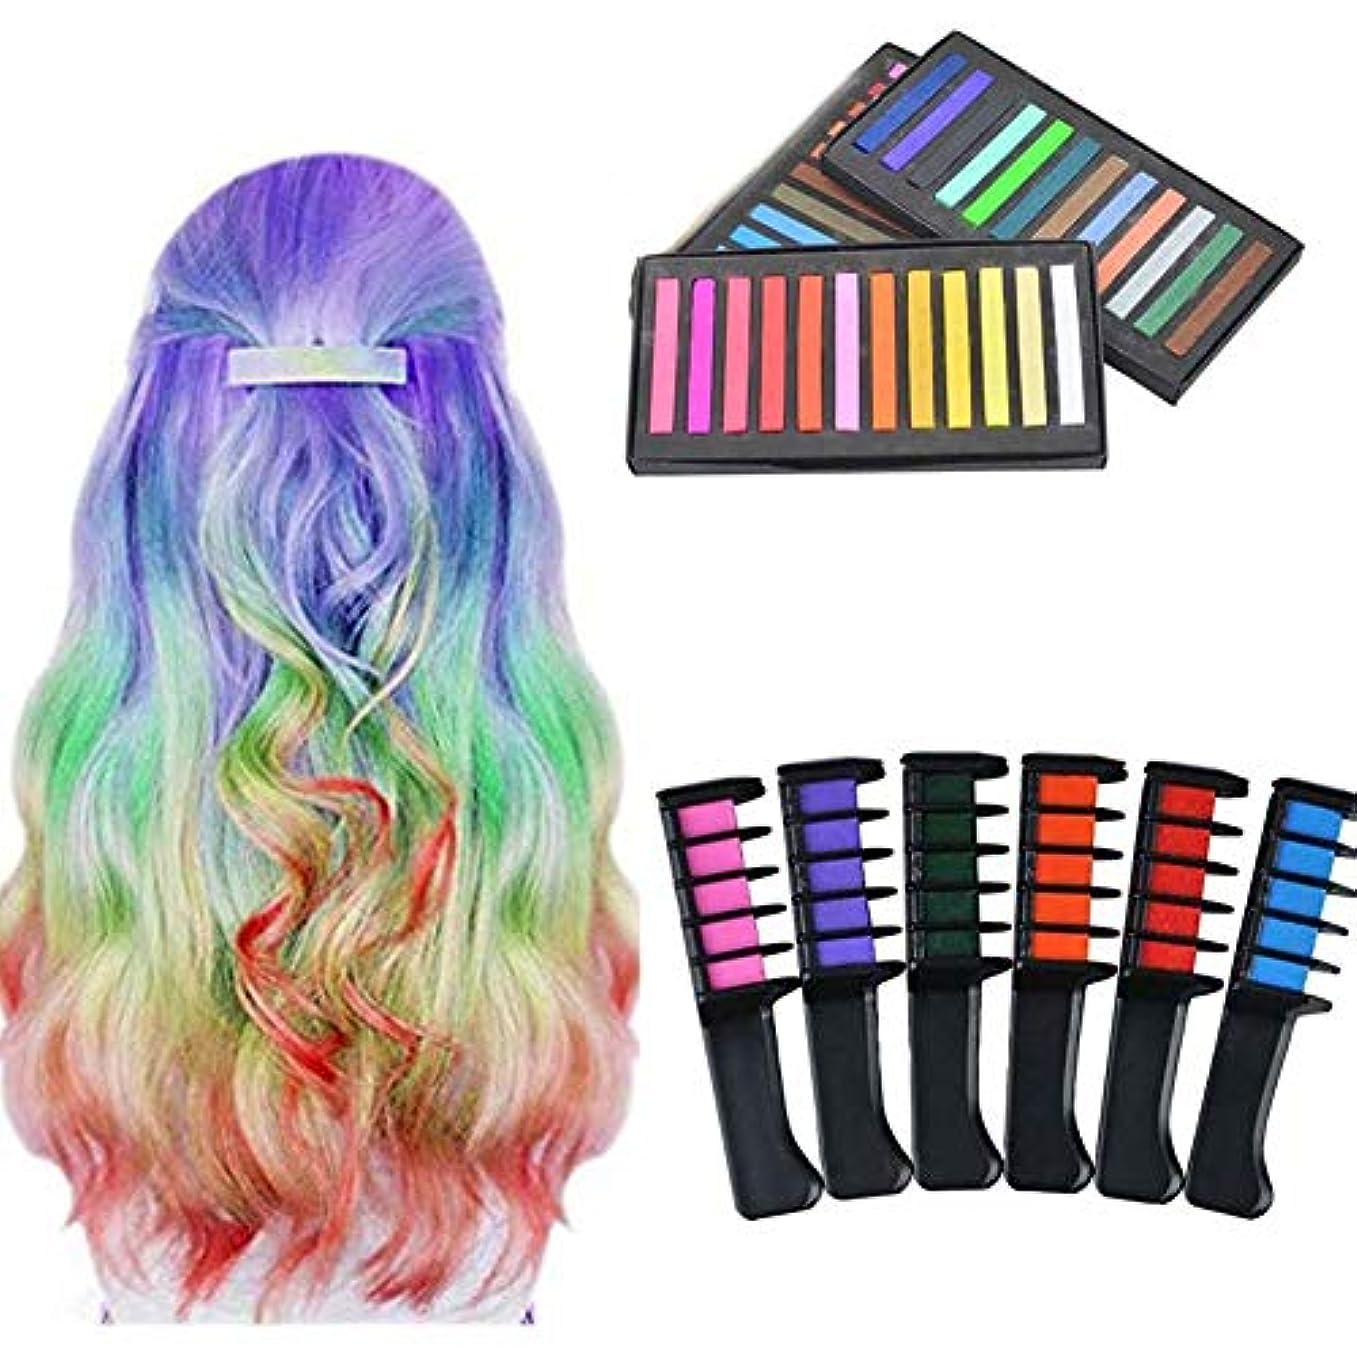 ミネラルセラフにぎやかキッズパーティー洗える髪染めペットキット(6色+ 36色ヘアスティック)のための髪染料チョーク櫛一時的な色